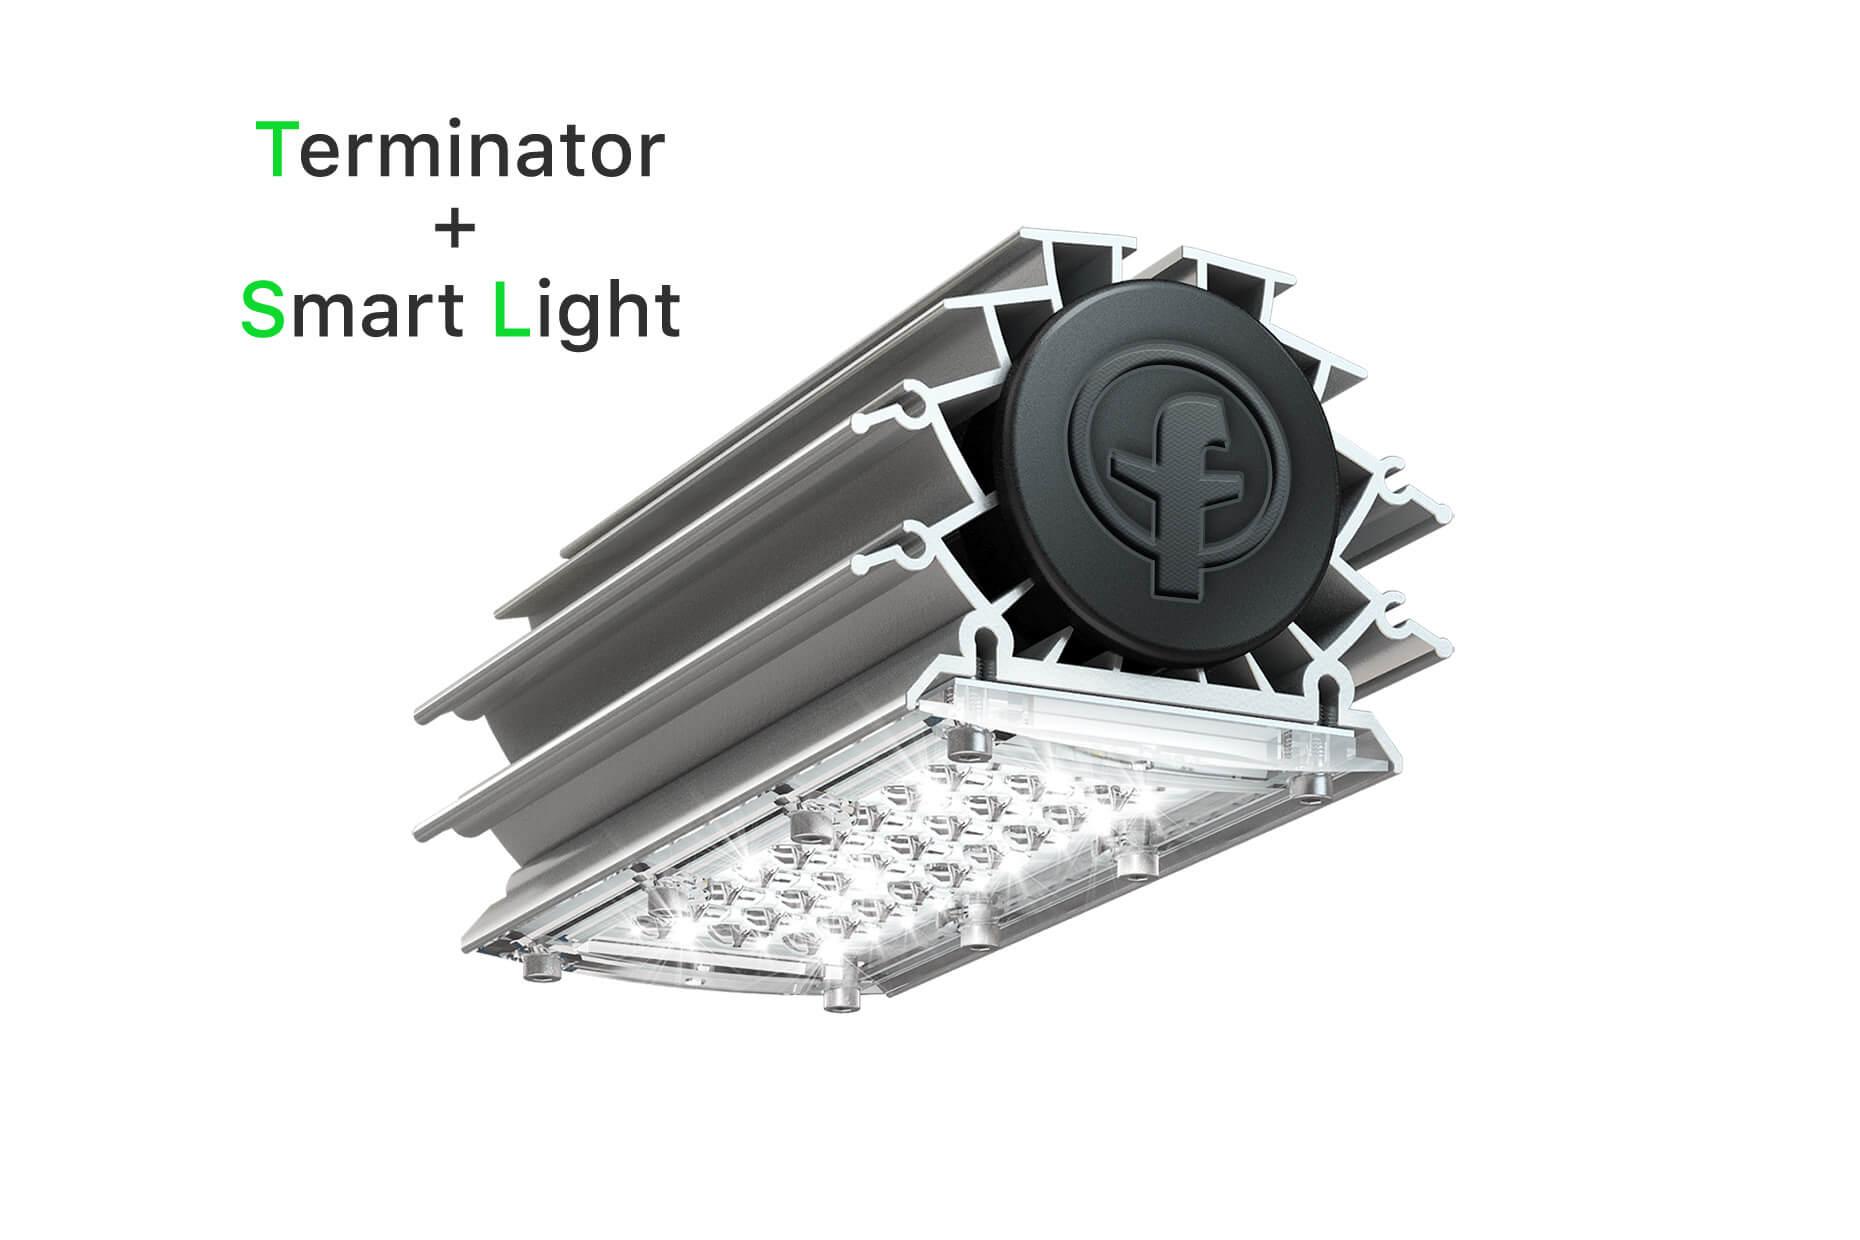 Промышленный светодиодный светильник Fitons Prom 60 Terminator+Умный свет